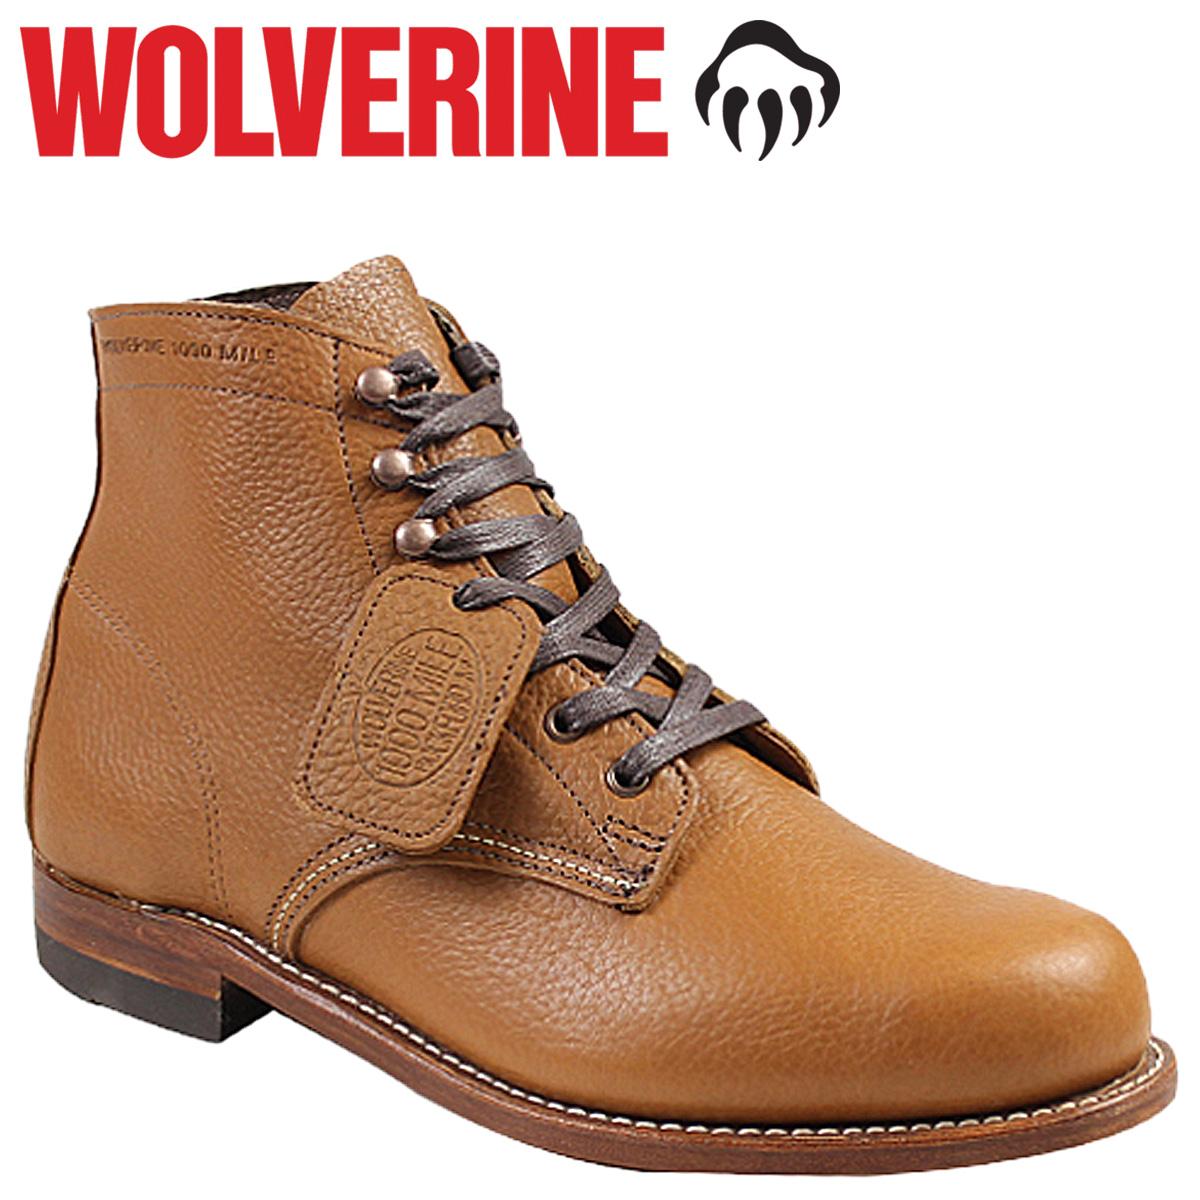 WOLVERINE ウルヴァリン 1000マイル ブーツ CENTENNIAL 1000 MILE BOOT Dワイズ W00910 ワークブーツ メンズ